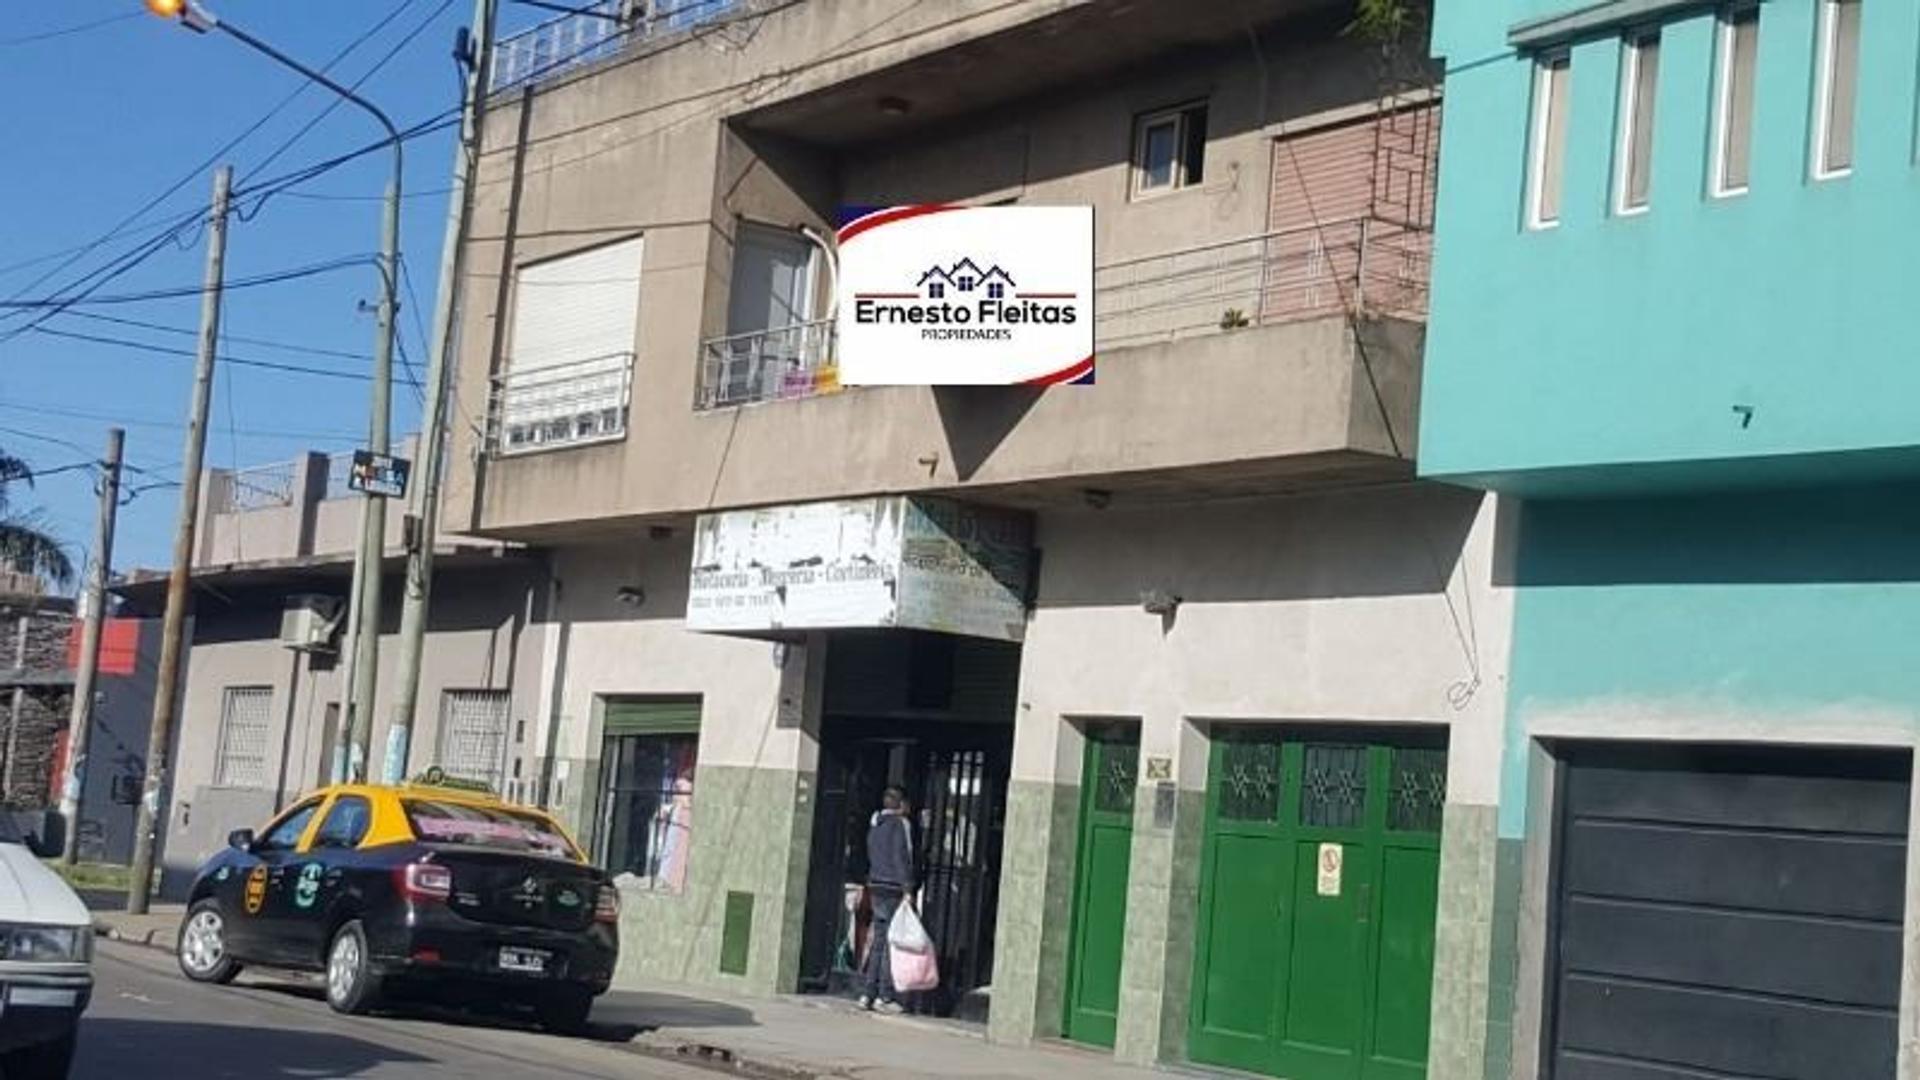 AV. Cristiania 3283, I. Casanova. Excelente propiedad sobre avenida comercial en Isidro Casanova!!!